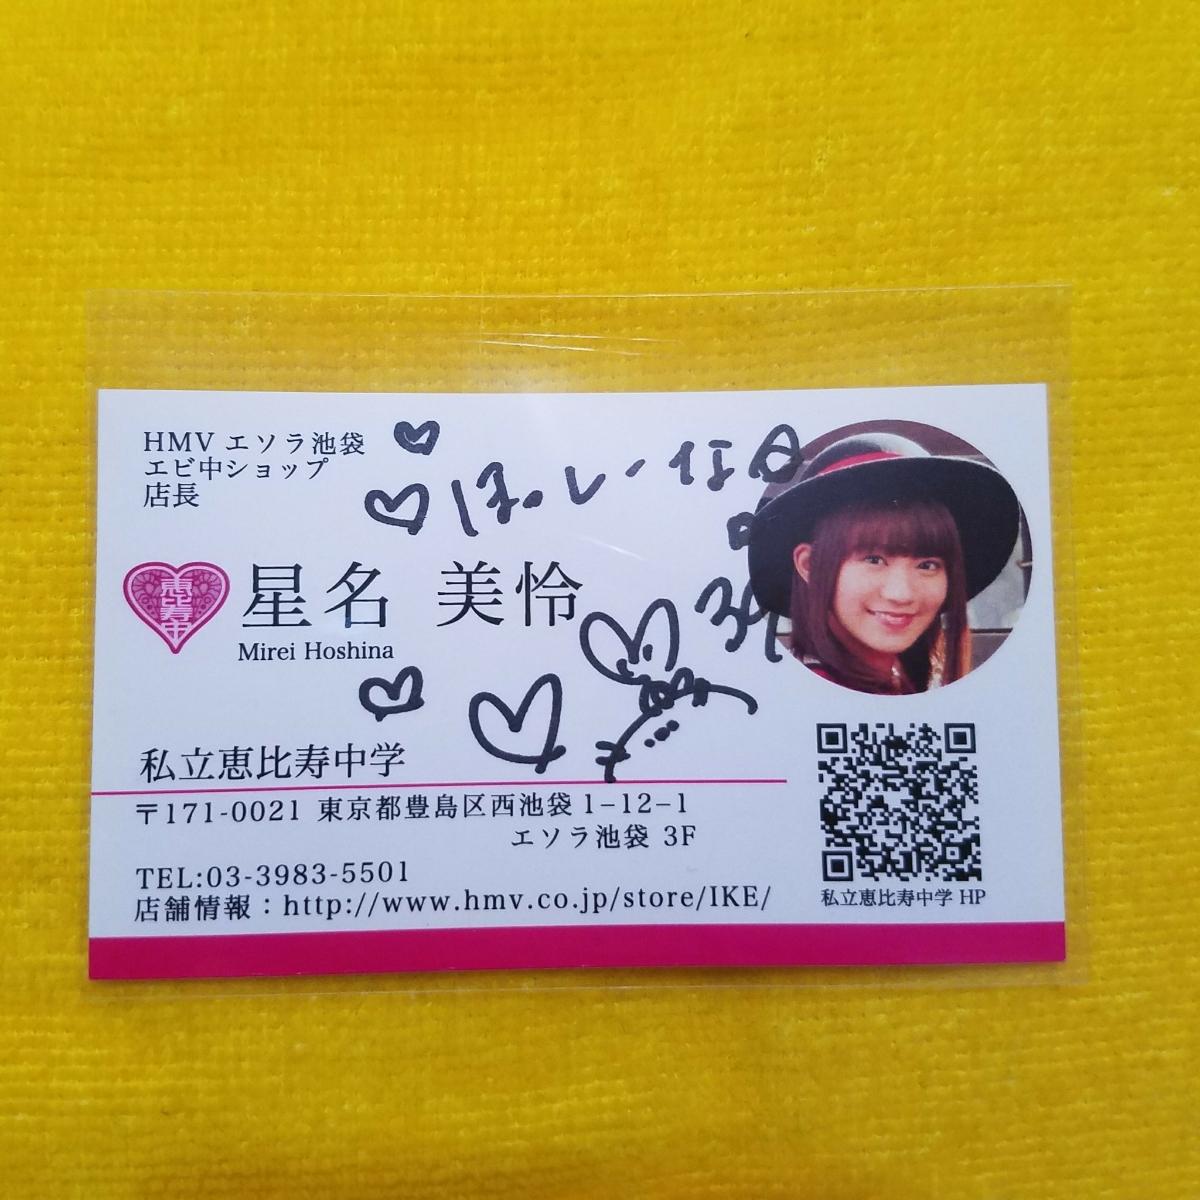 私立恵比寿中学 エビ中 星名美怜 エビクラシー 名刺 お渡し会 直筆 コメント入り カード ライブグッズの画像